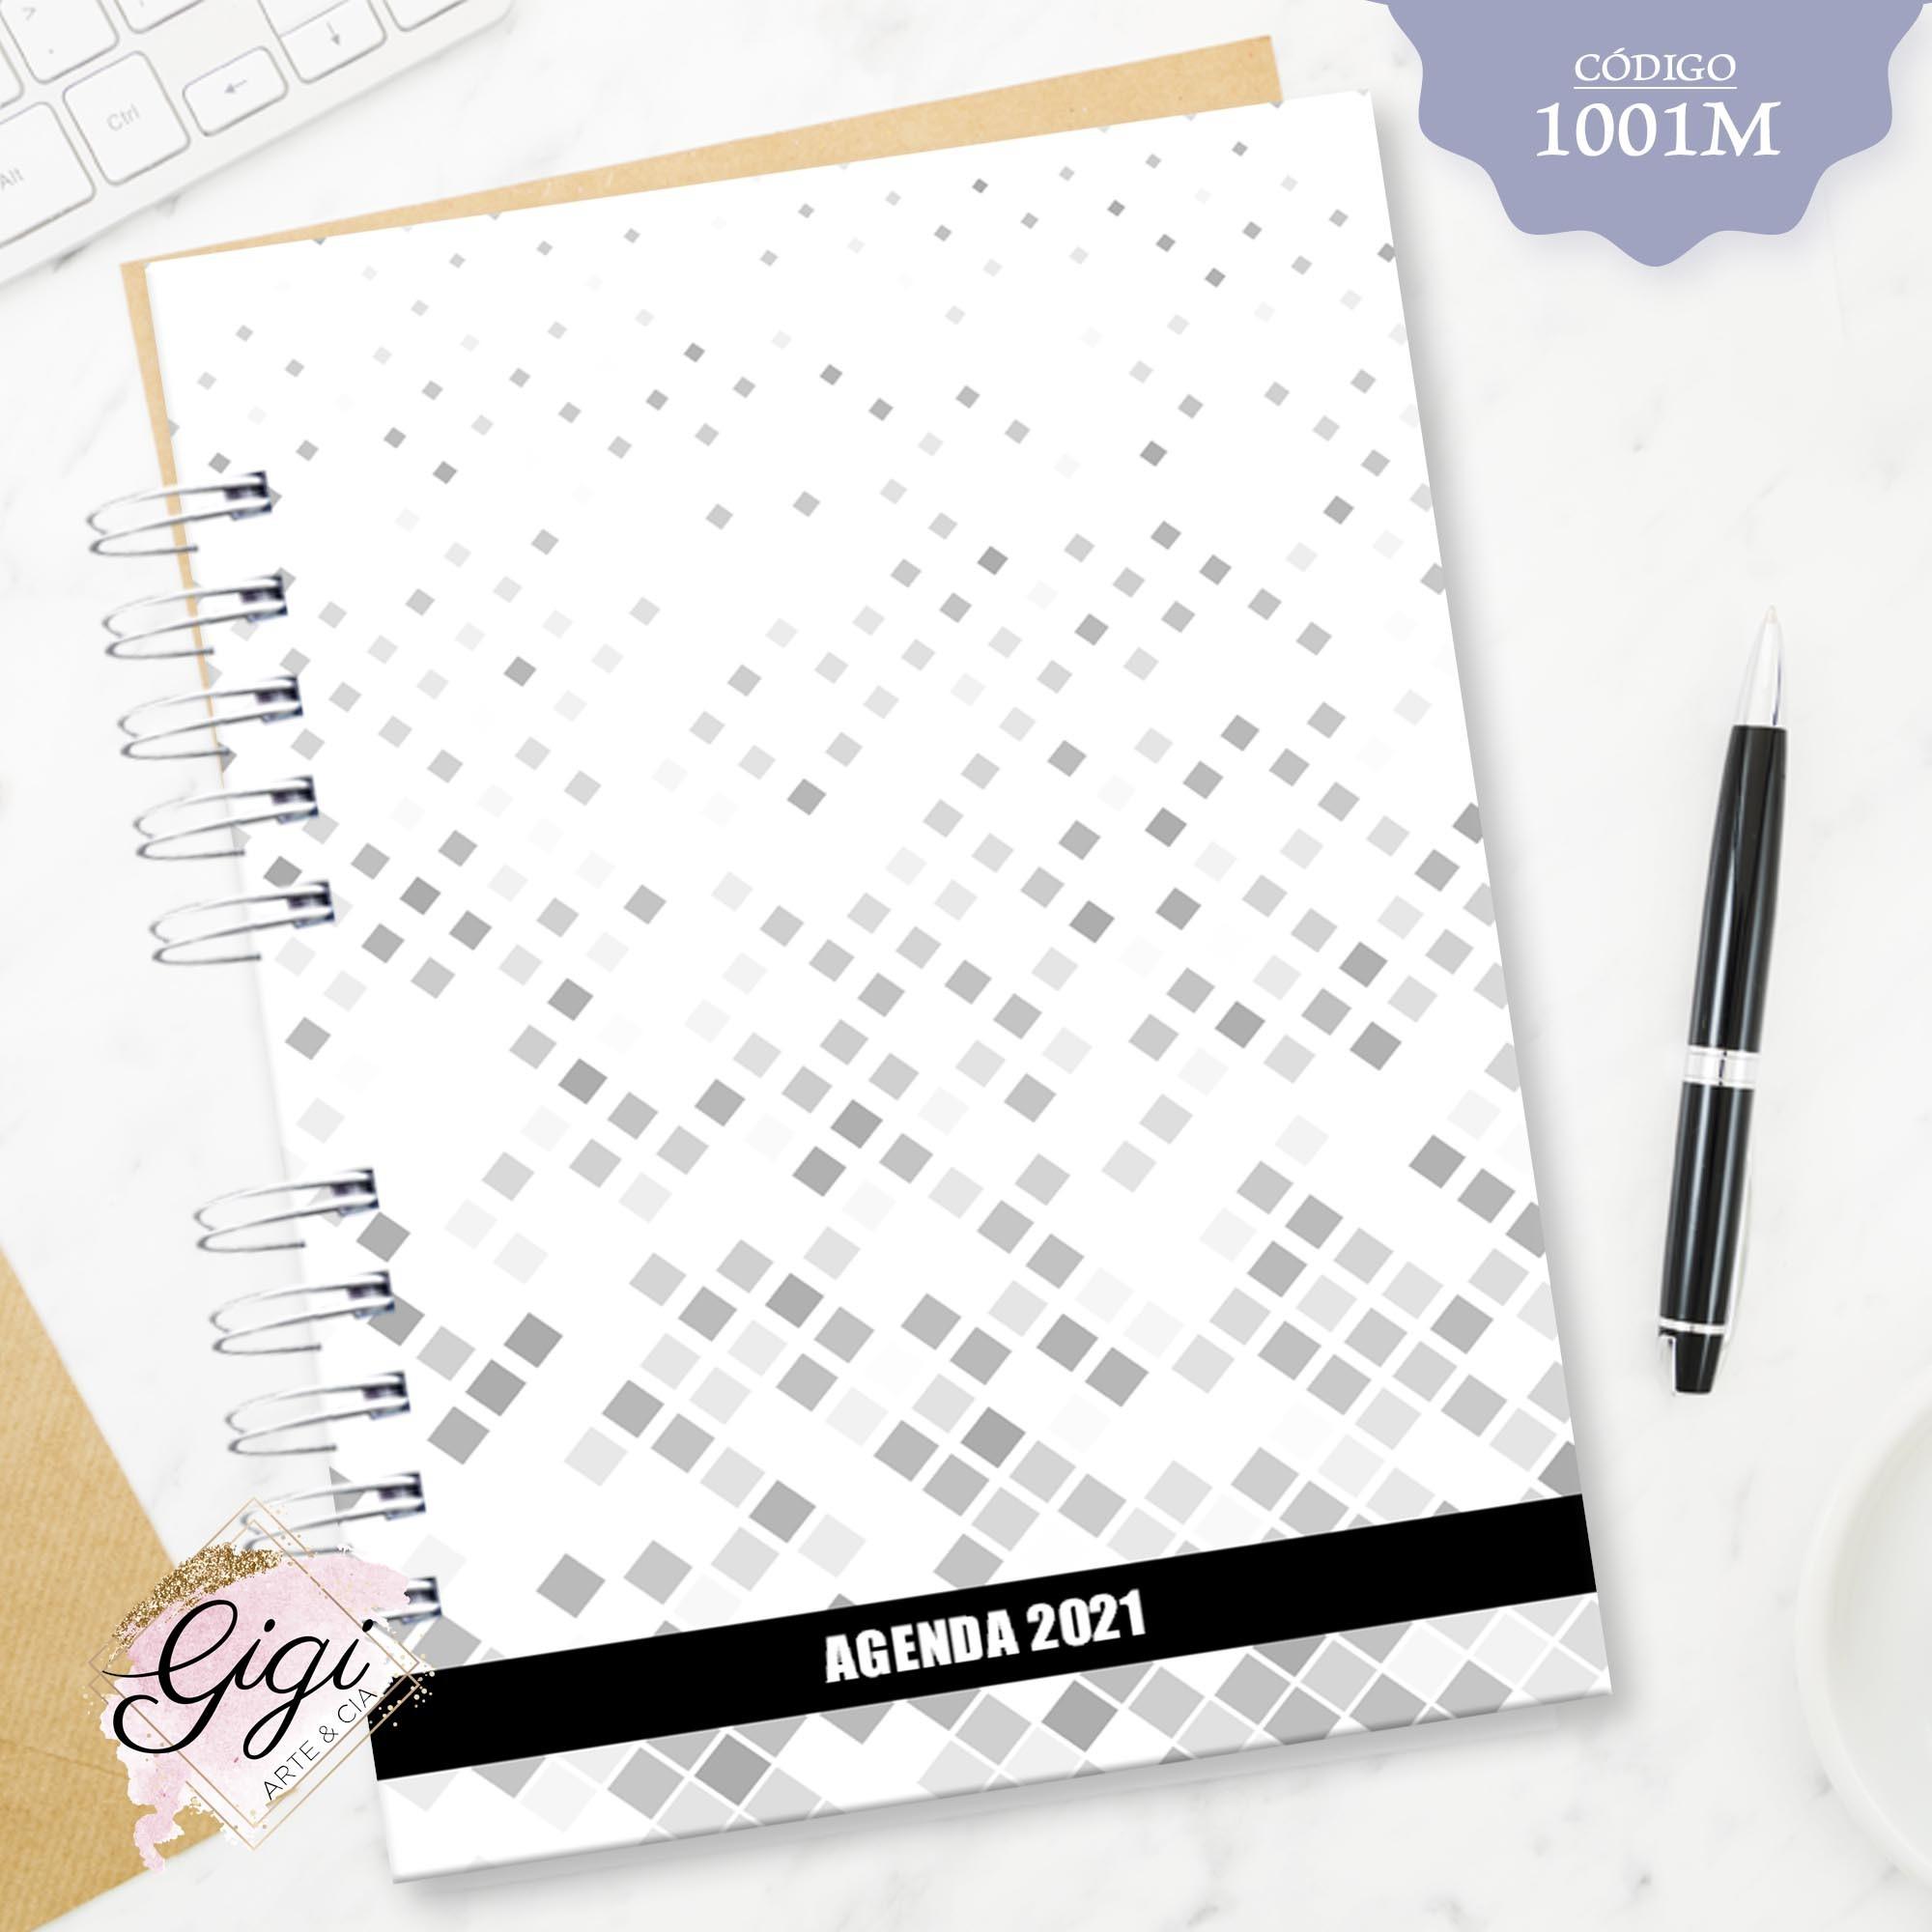 Losangos 1001M - Agendas   Blocos   Cadernos  - Gigi Arte e Cia